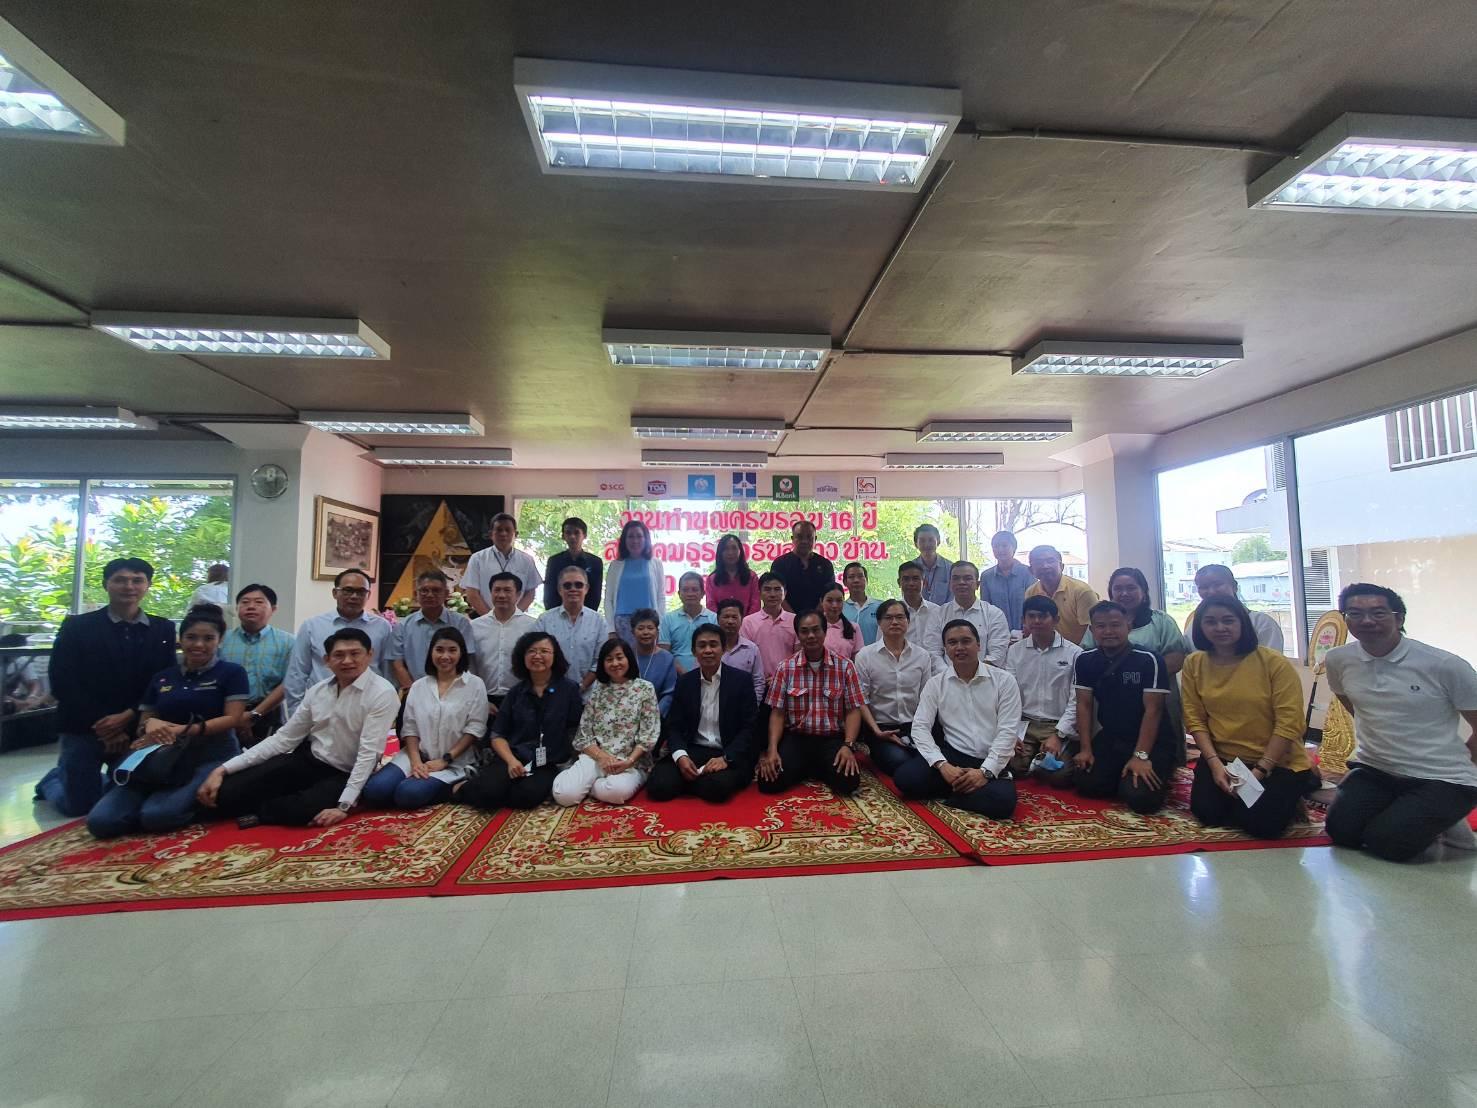 ครบรอบ 16 ปี สมาคมธุรกิจรับสร้างบ้าน สมาชิกร่วมใจบริจาค มูลนิธิส่งเสริมและพัฒนาคนพิการ ส่งเสริมโอกาสให้กับผู้พิการในประเทศไทย